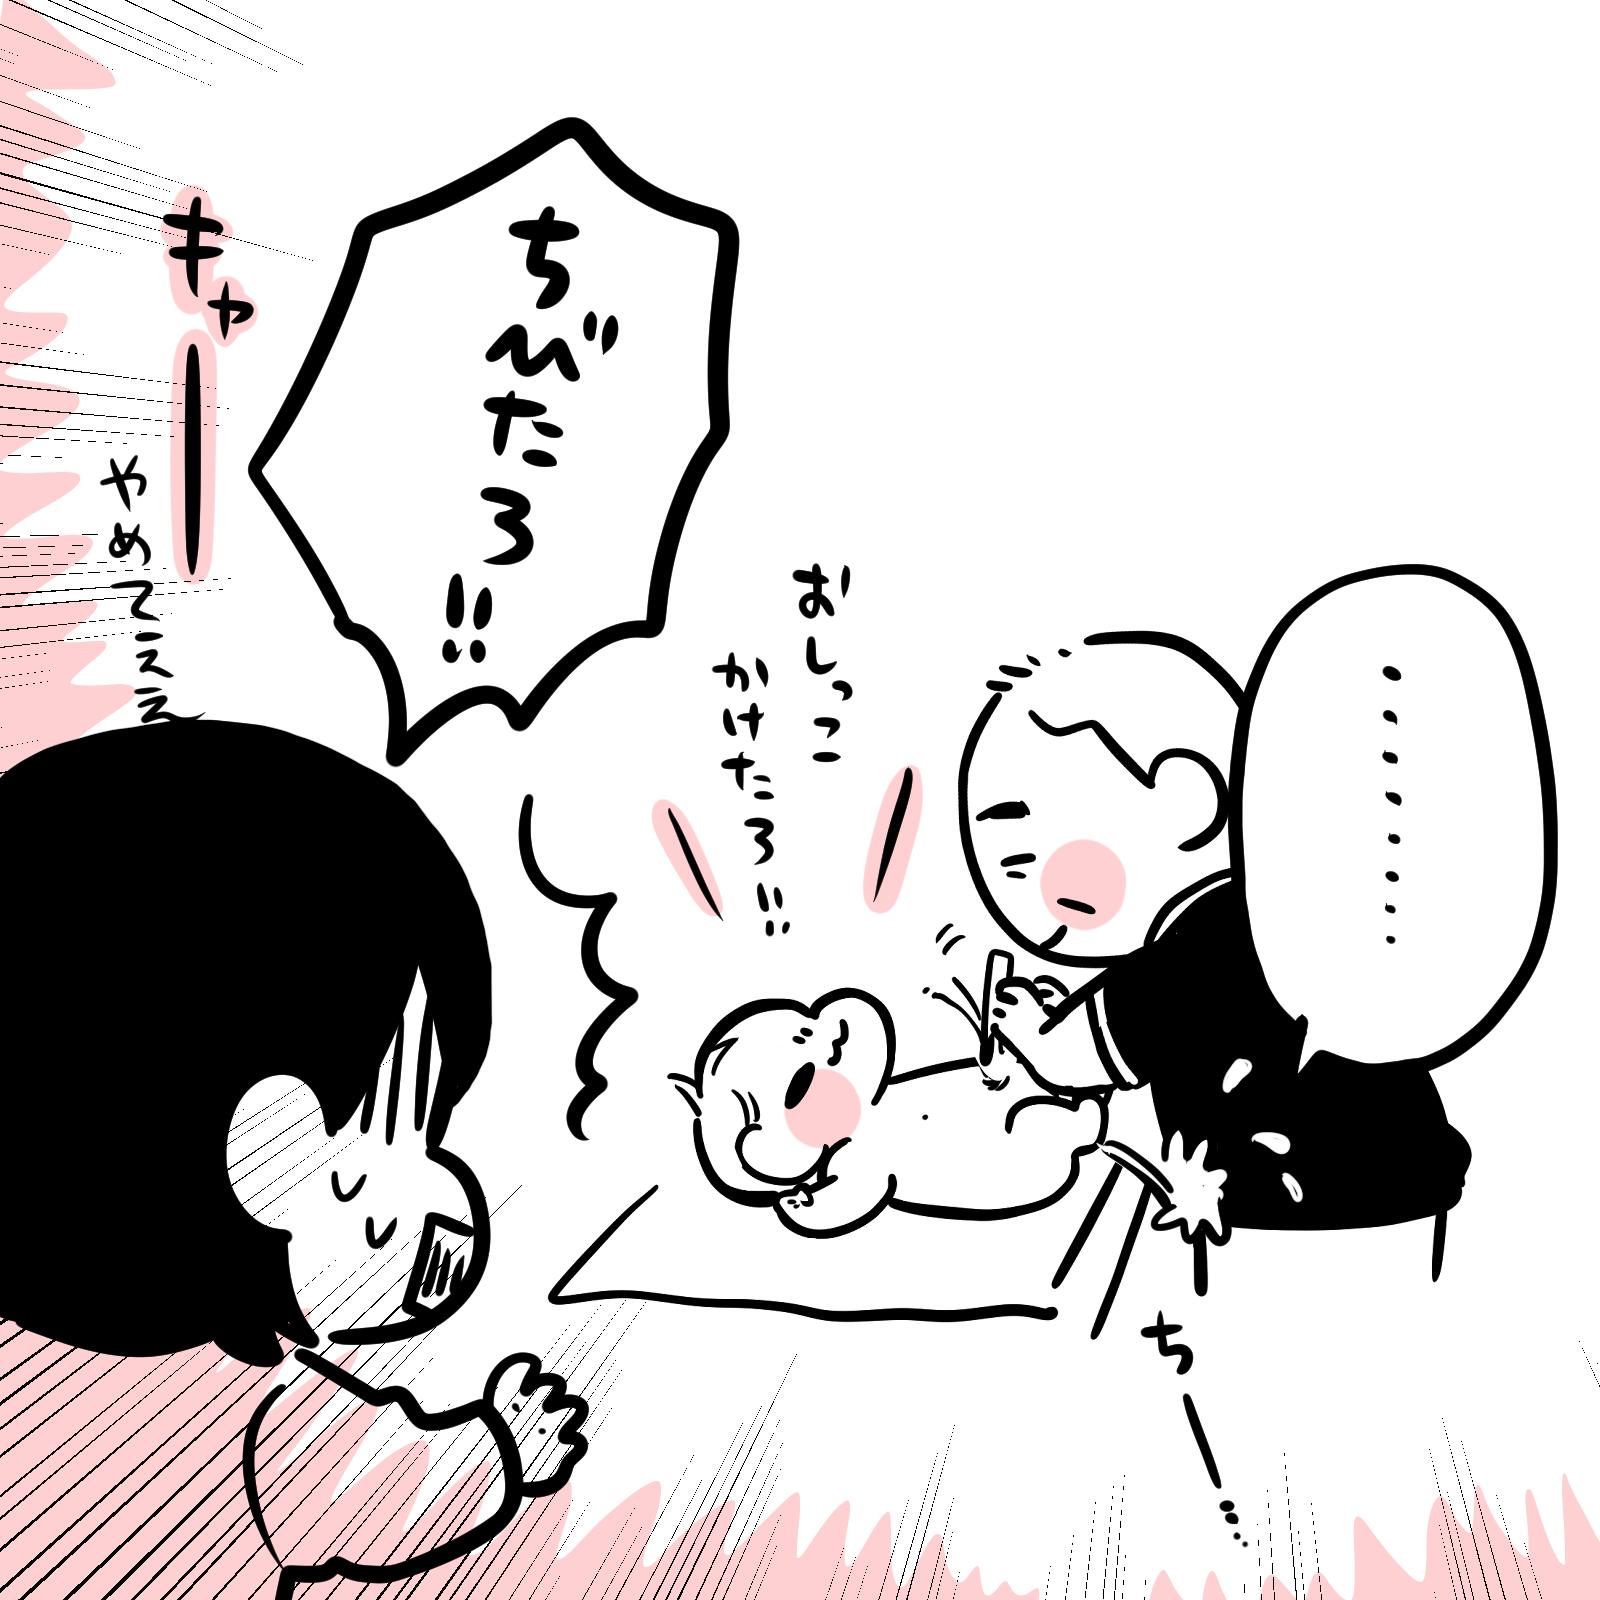 ムチムチ!プニプニ!ちびたろ!#3「肉芽って???(後編)」